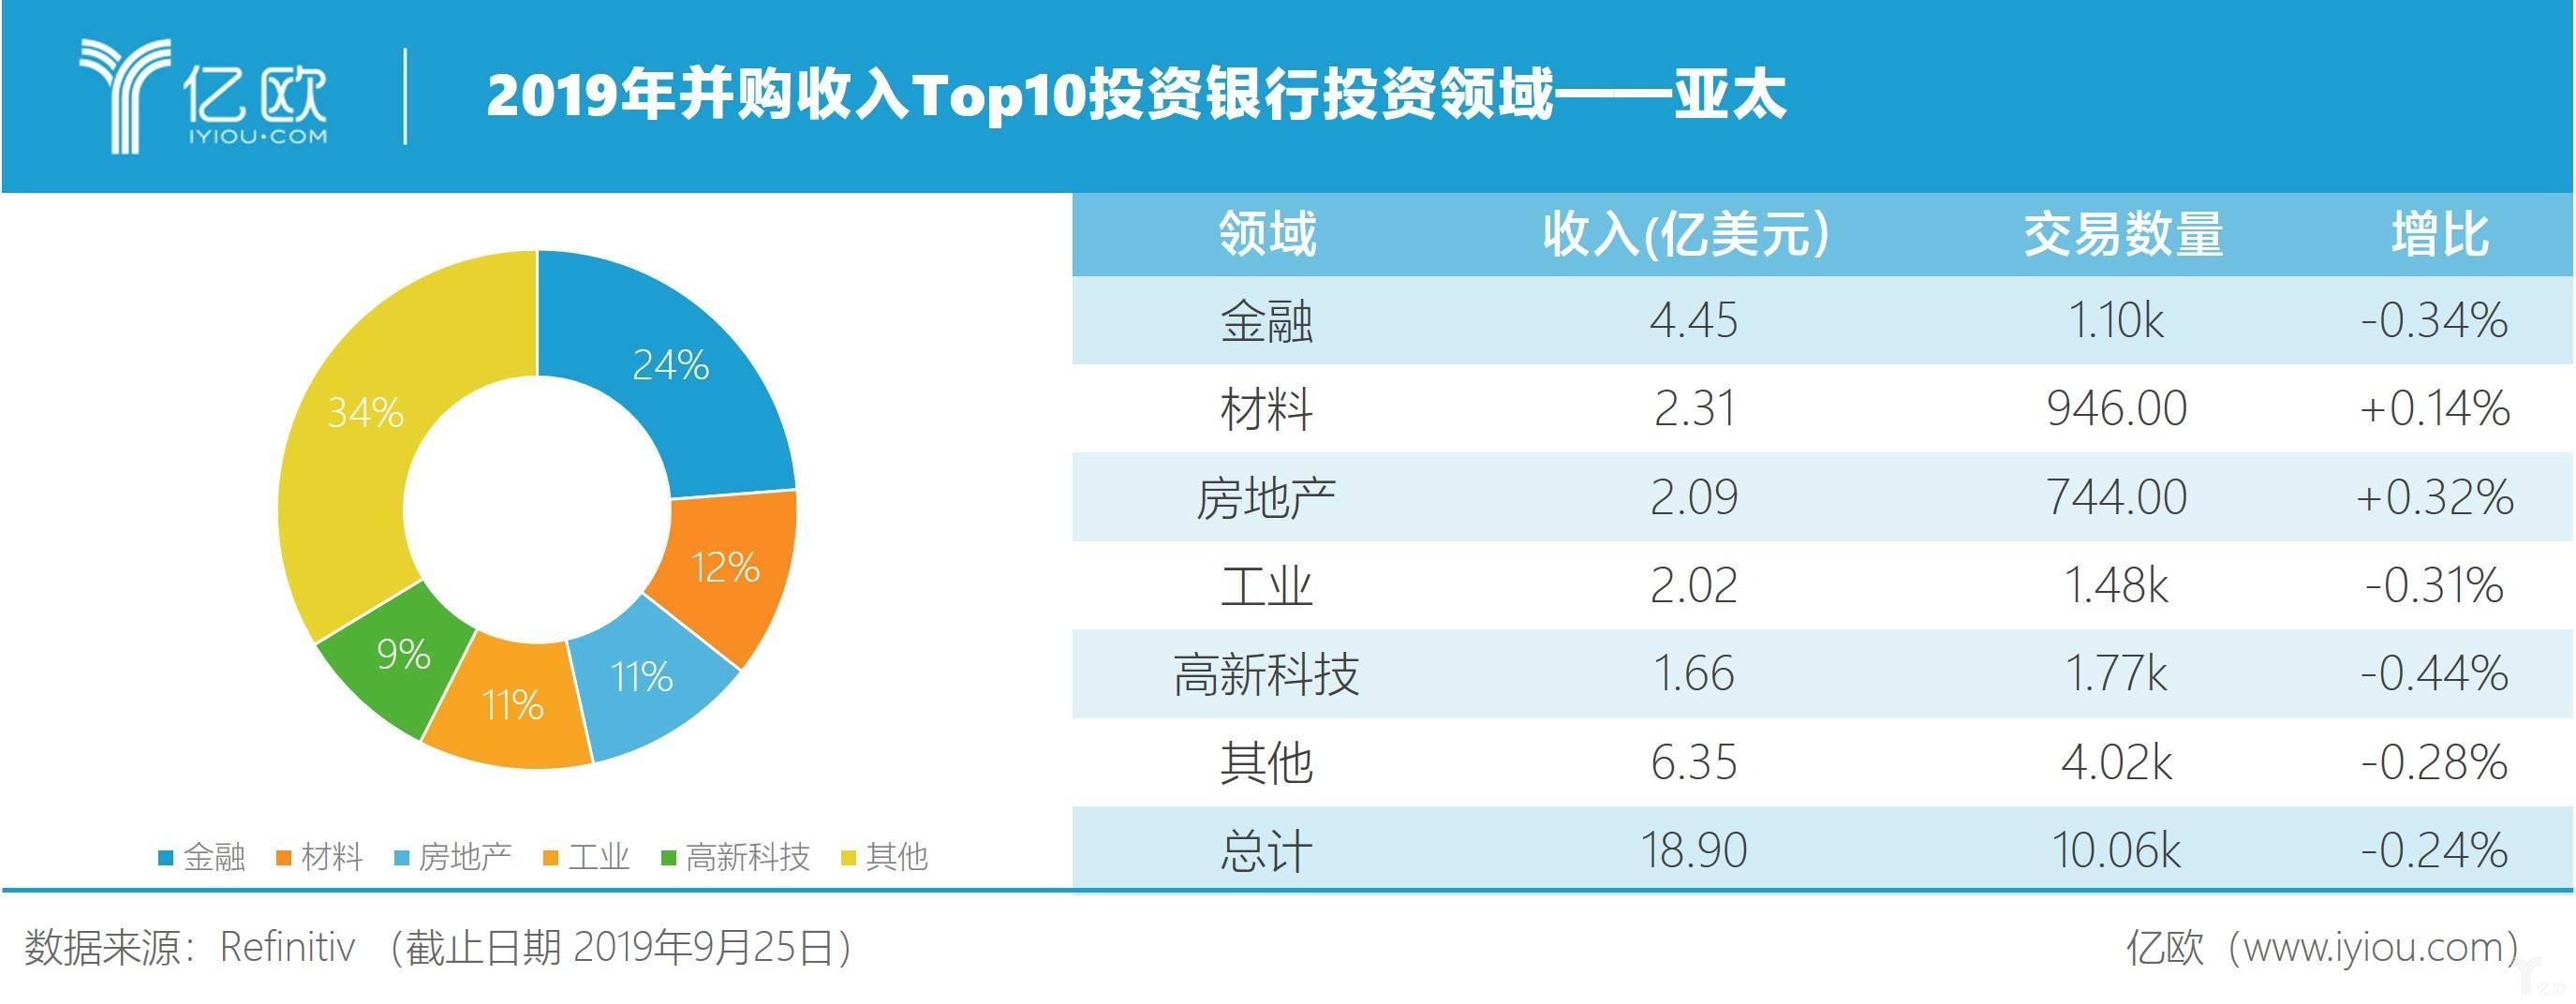 2019年并购收入Top10投资银行投资领域——亚太